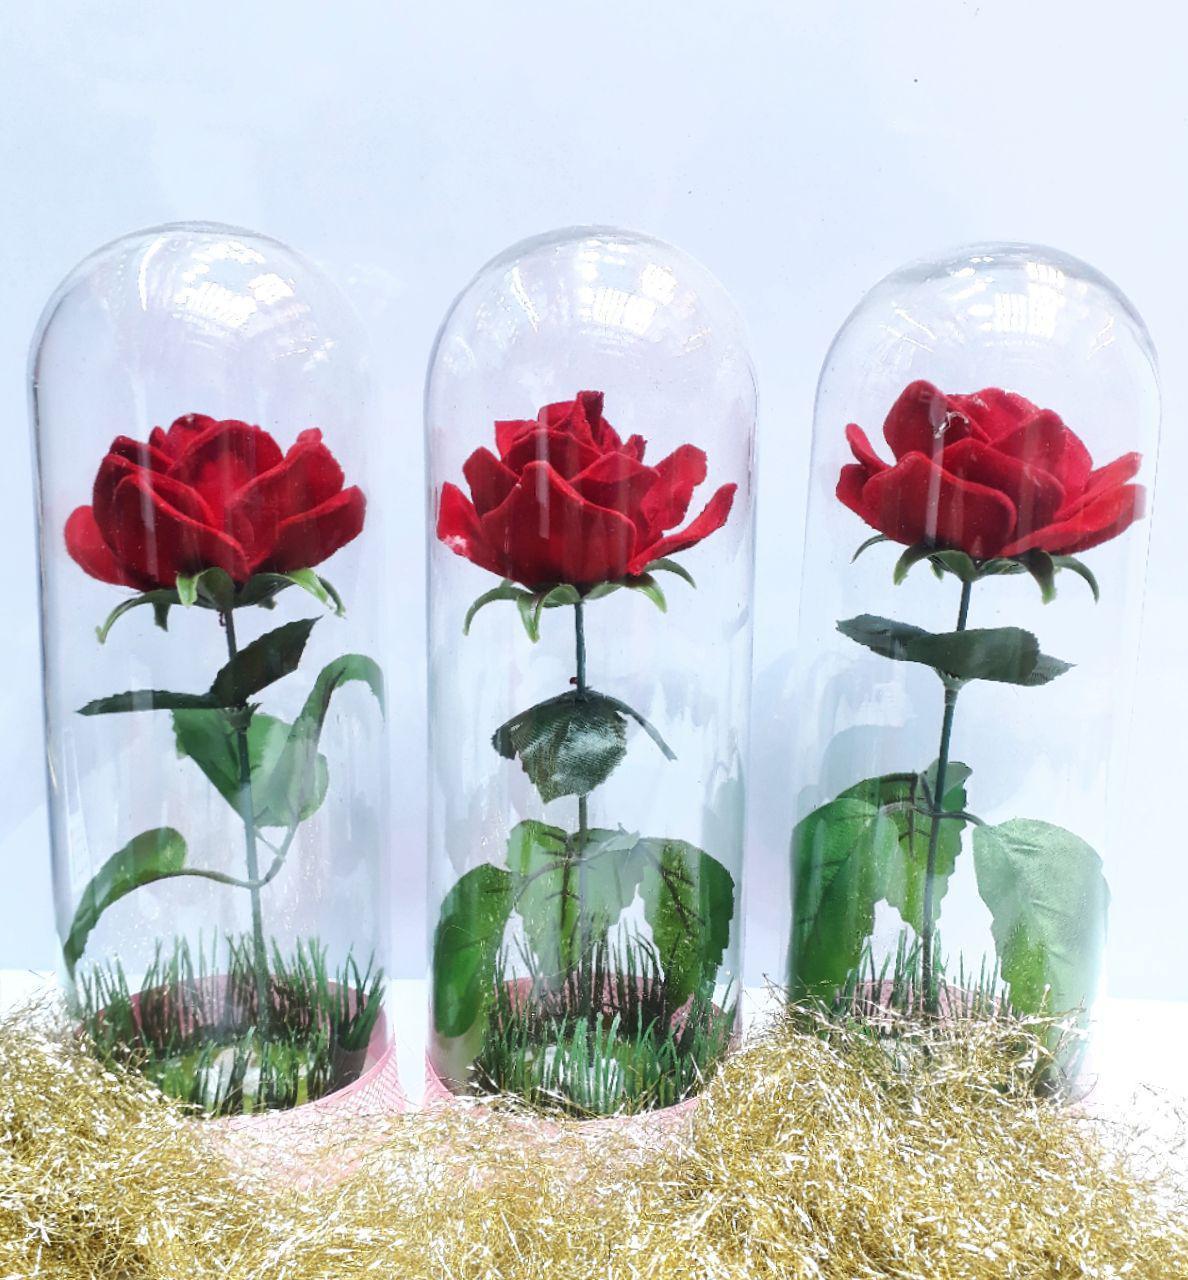 پخش عمده لوازم کادویی و تزیینی تک گل در استوانه شیشه ایی